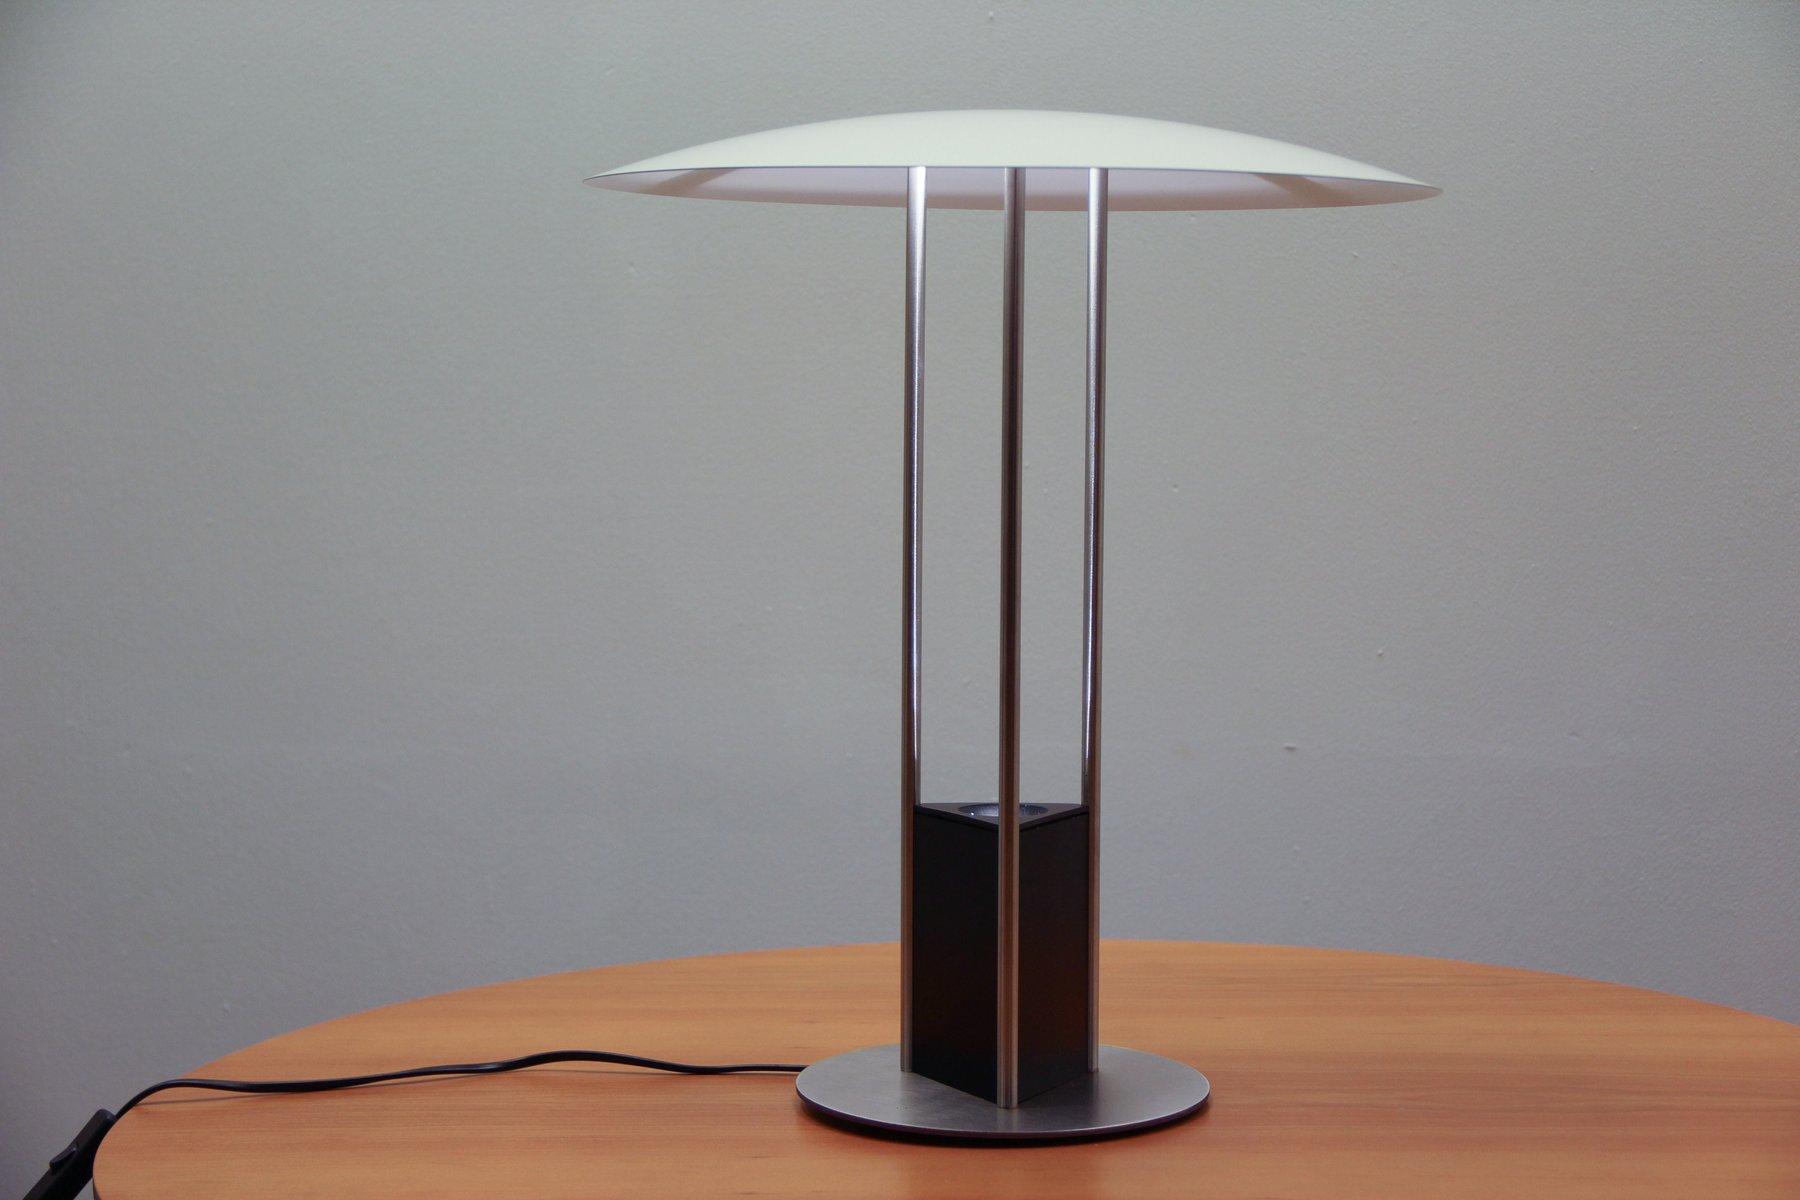 Gino Desk Lamp By Bjarne Frost Amp Ole Jespersen For Solar